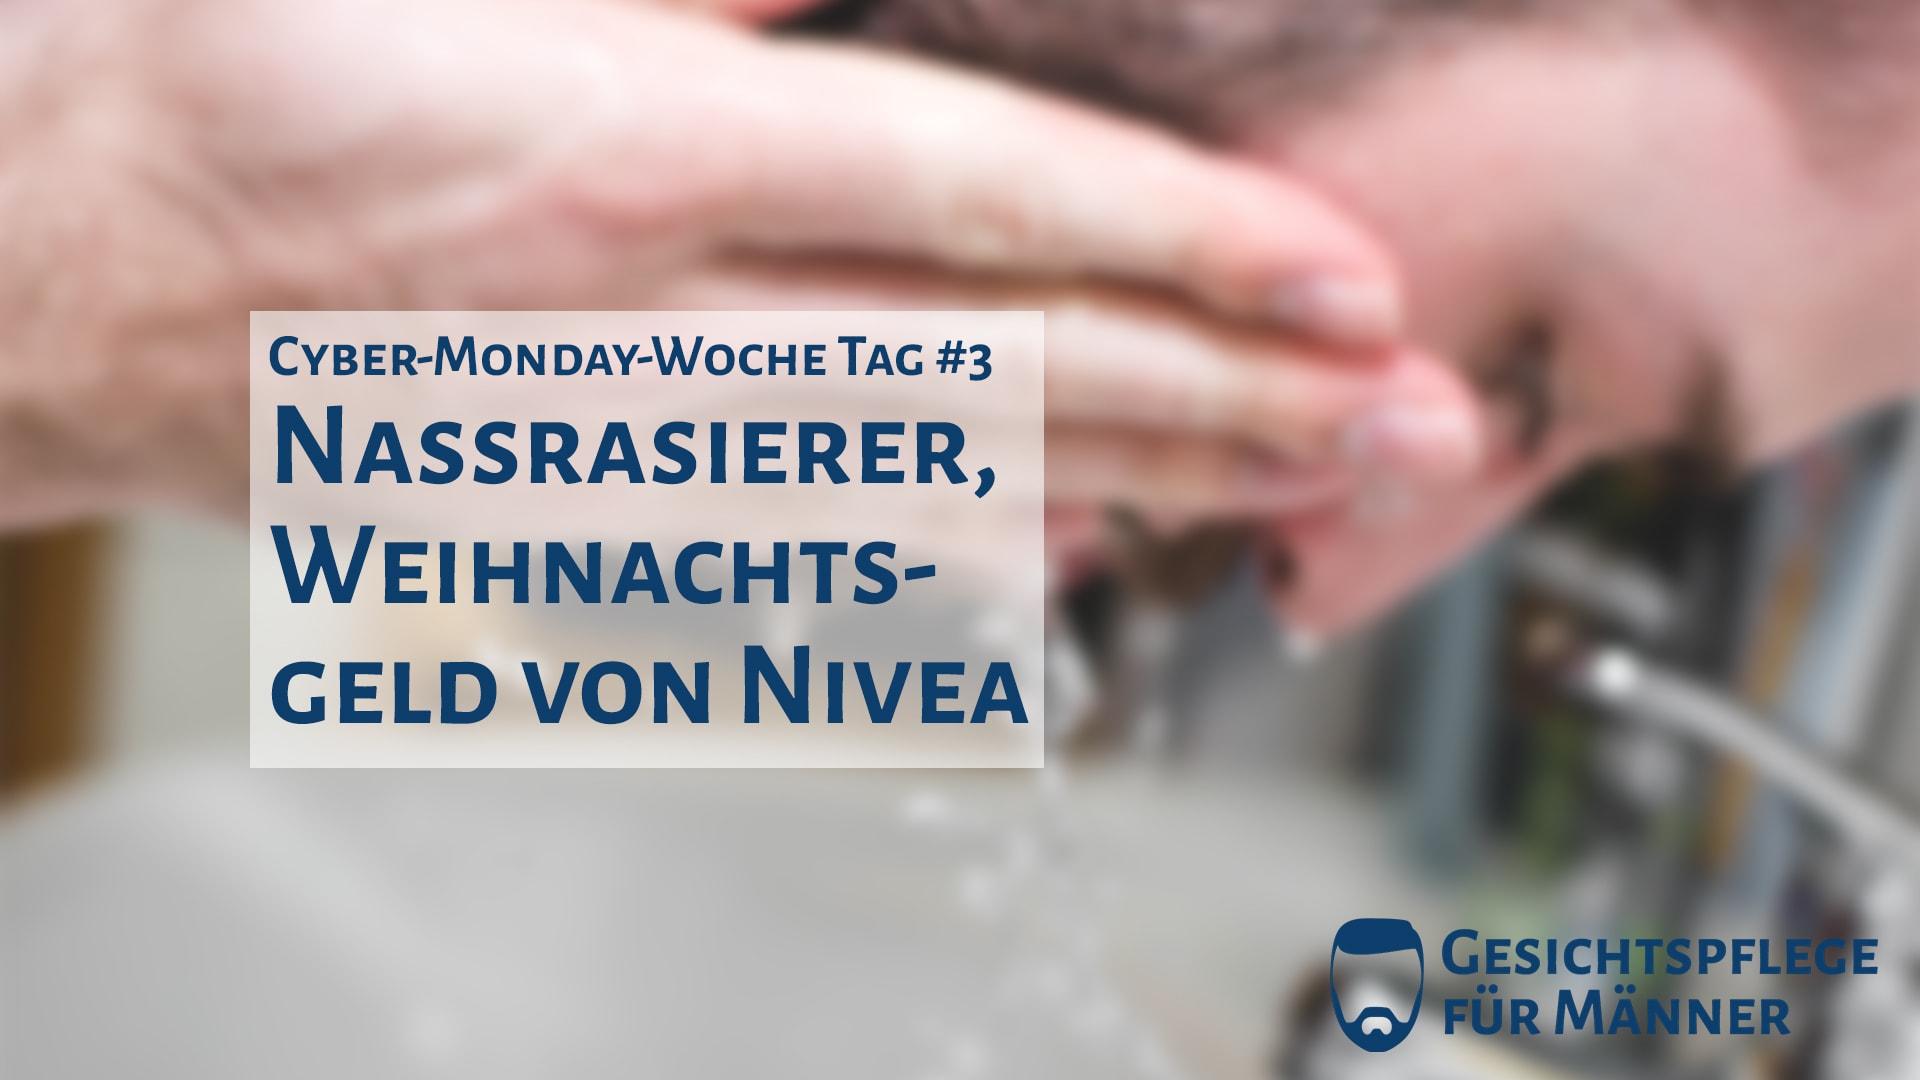 Titelbild: Tagesangebot Tag #3 bei der Cyber-Monday-Week auf Amazon für deine Gesichtspflege